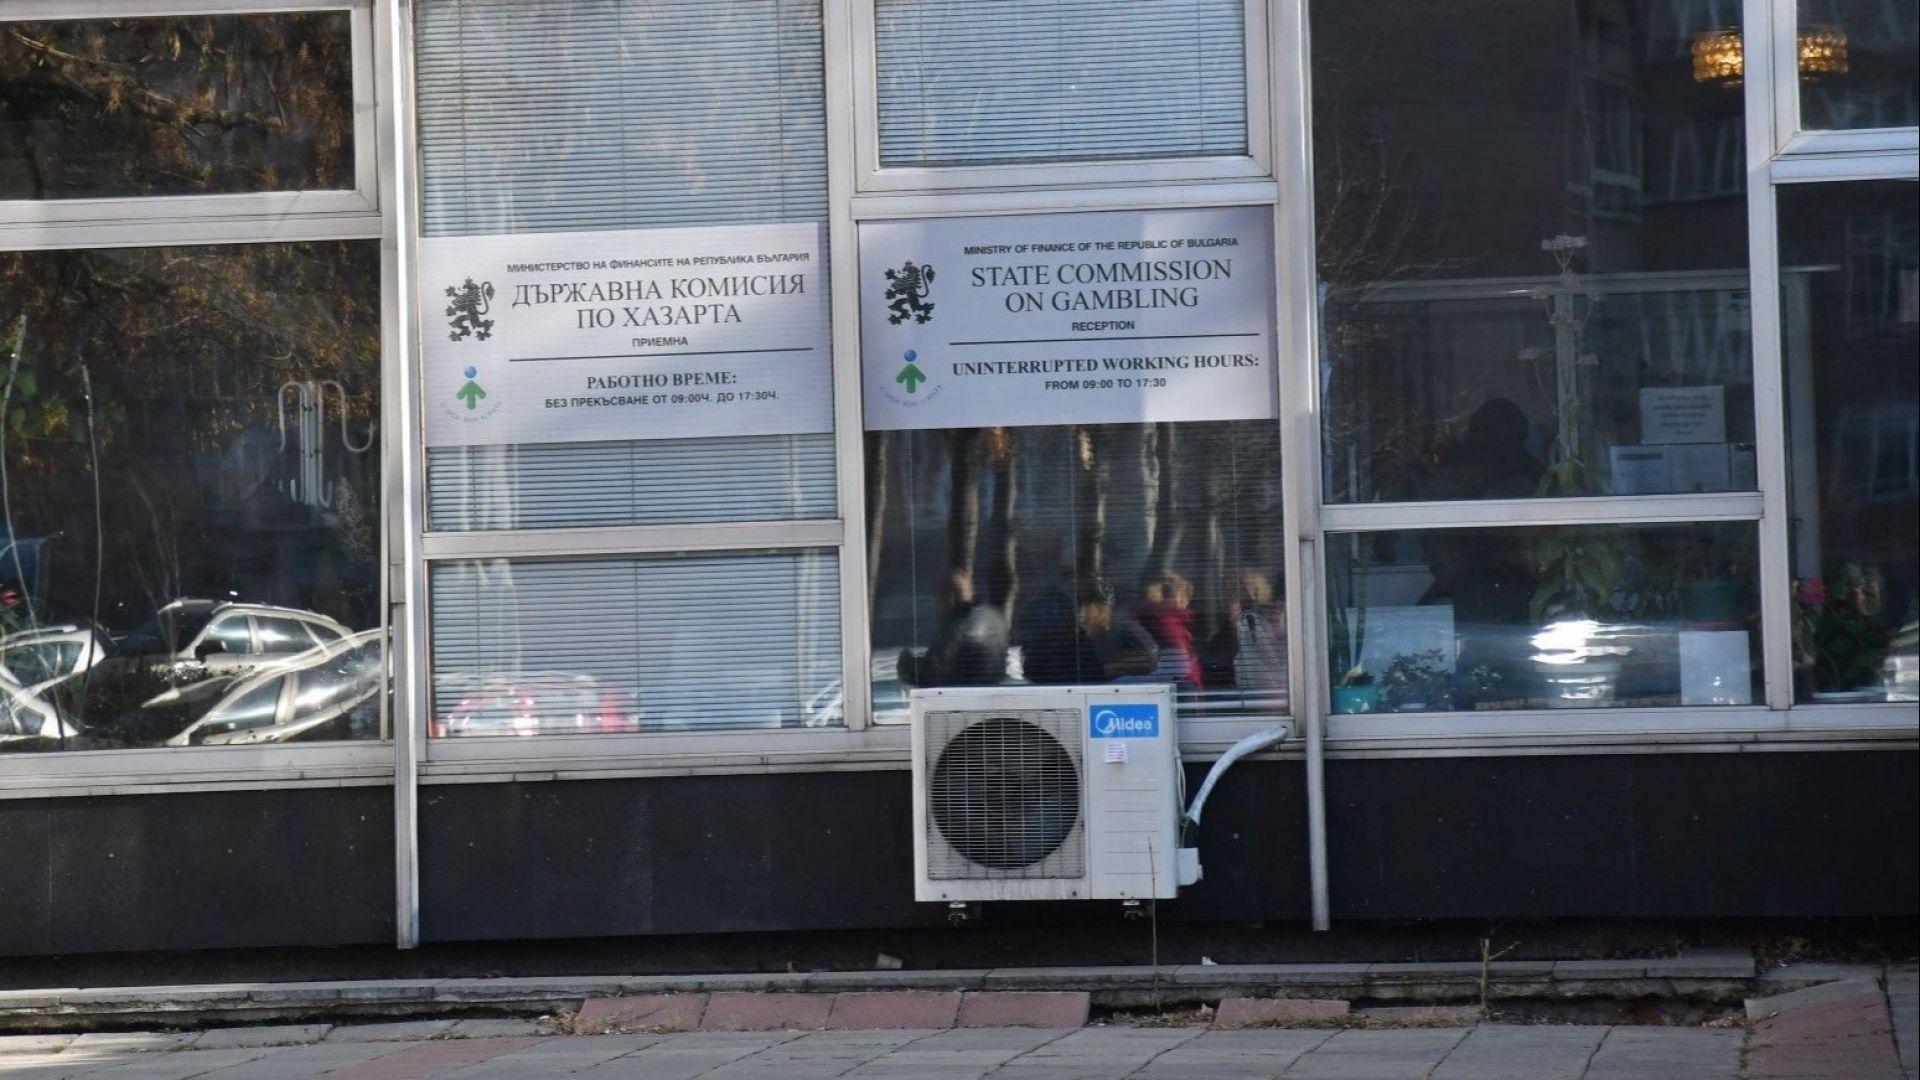 Закриват Държавната комисия по хазарта, създадоха ликвидационна комисия